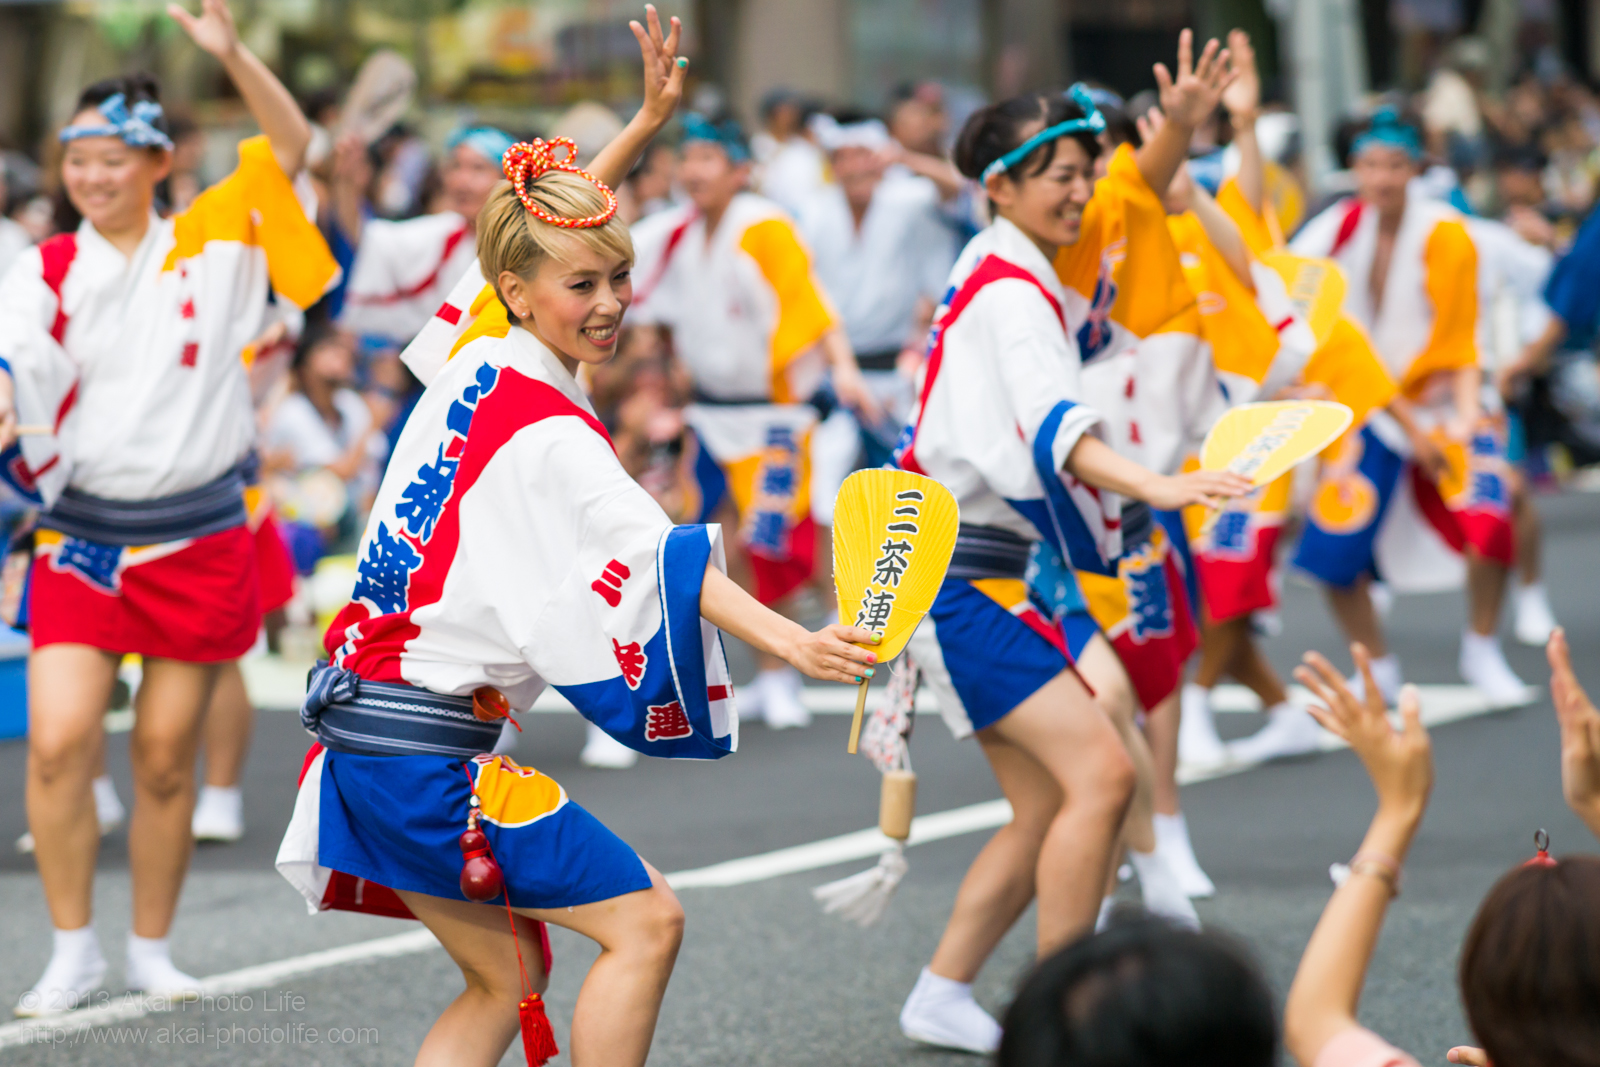 高円寺阿波踊り 三茶連の女性による団扇を使った男踊り